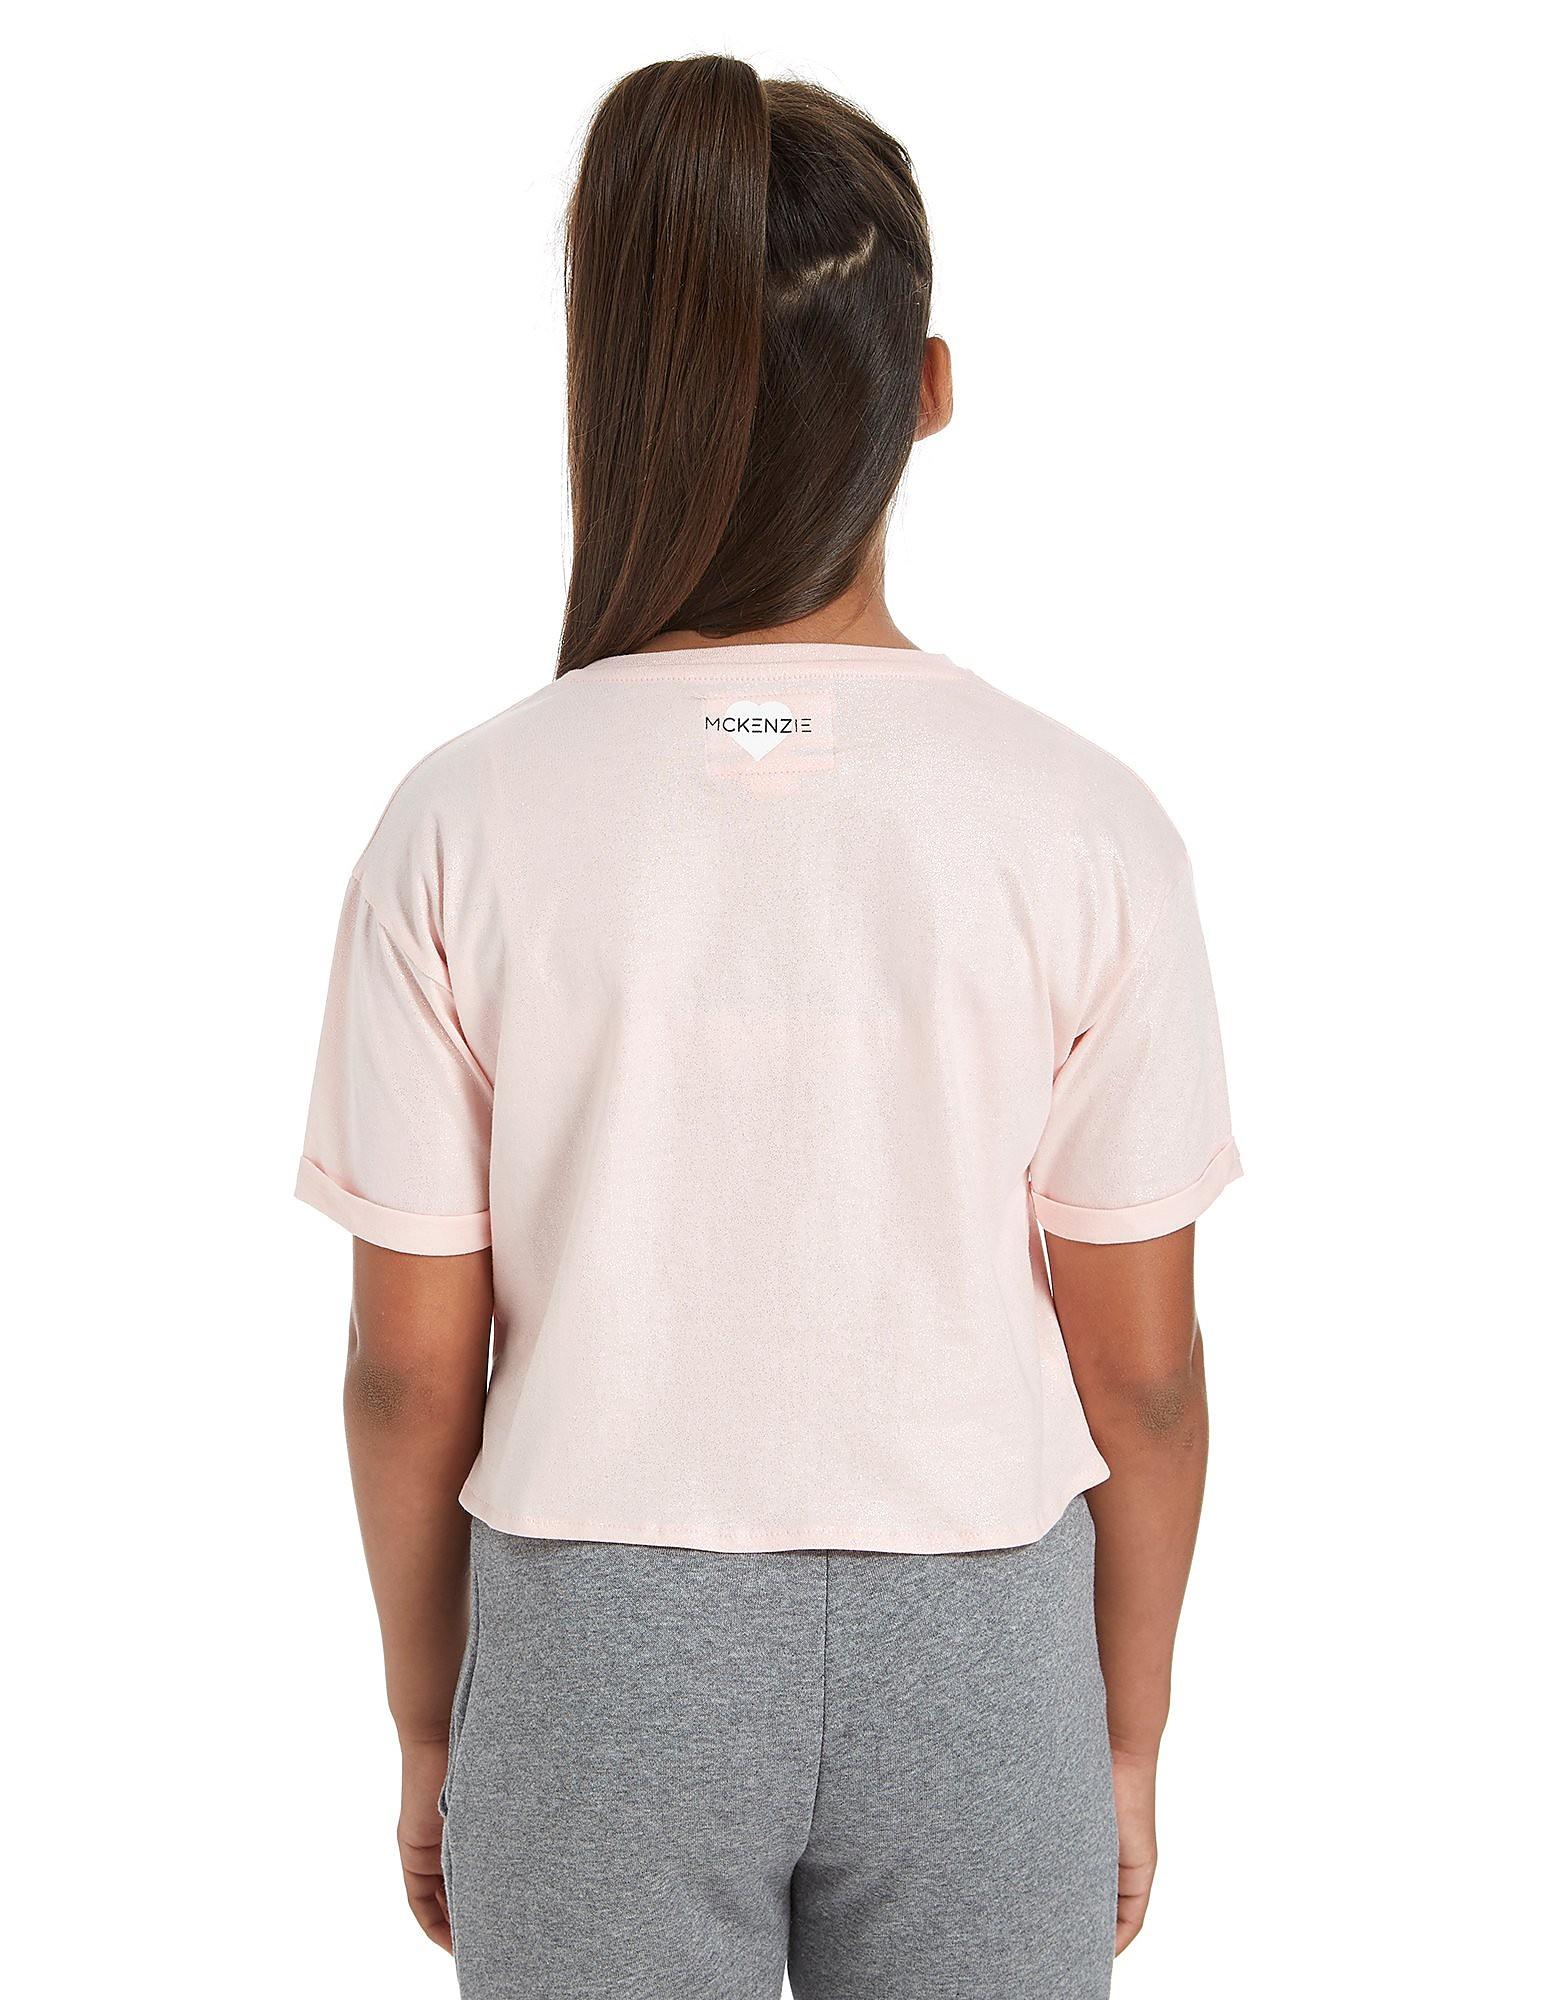 McKenzie Tawny Knot T-Shirt Junior